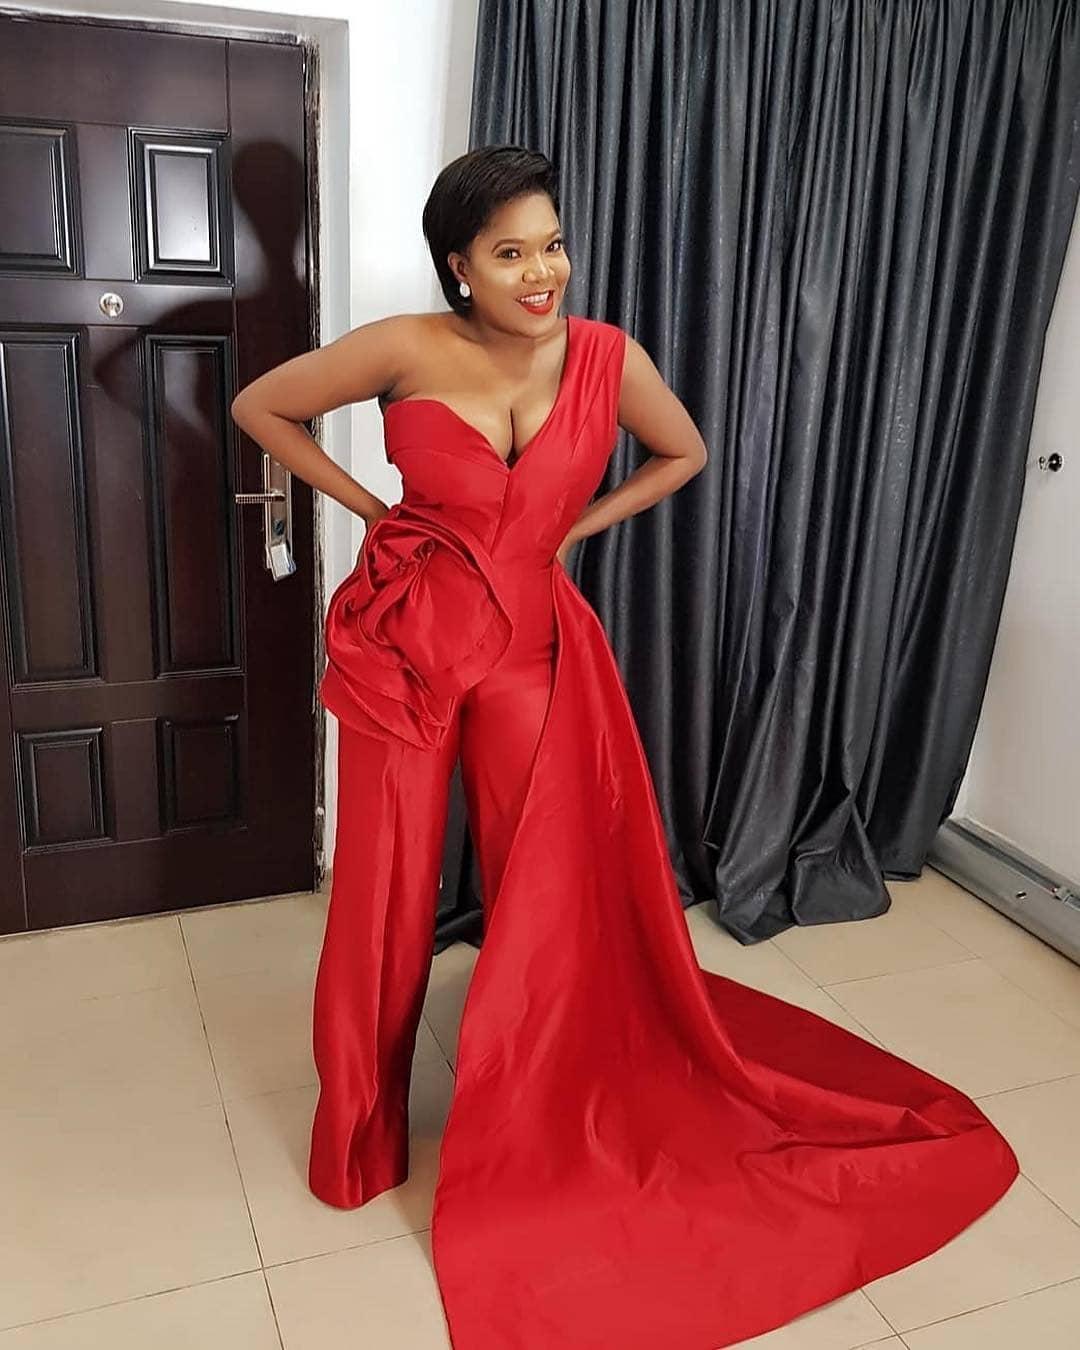 Red Sexy Slit Una spalla Guaina Dress Prom Dresses African Black Girls Party Dress Rucchizzato Abiti da sera increspati Abiti da damigella d'onore economici